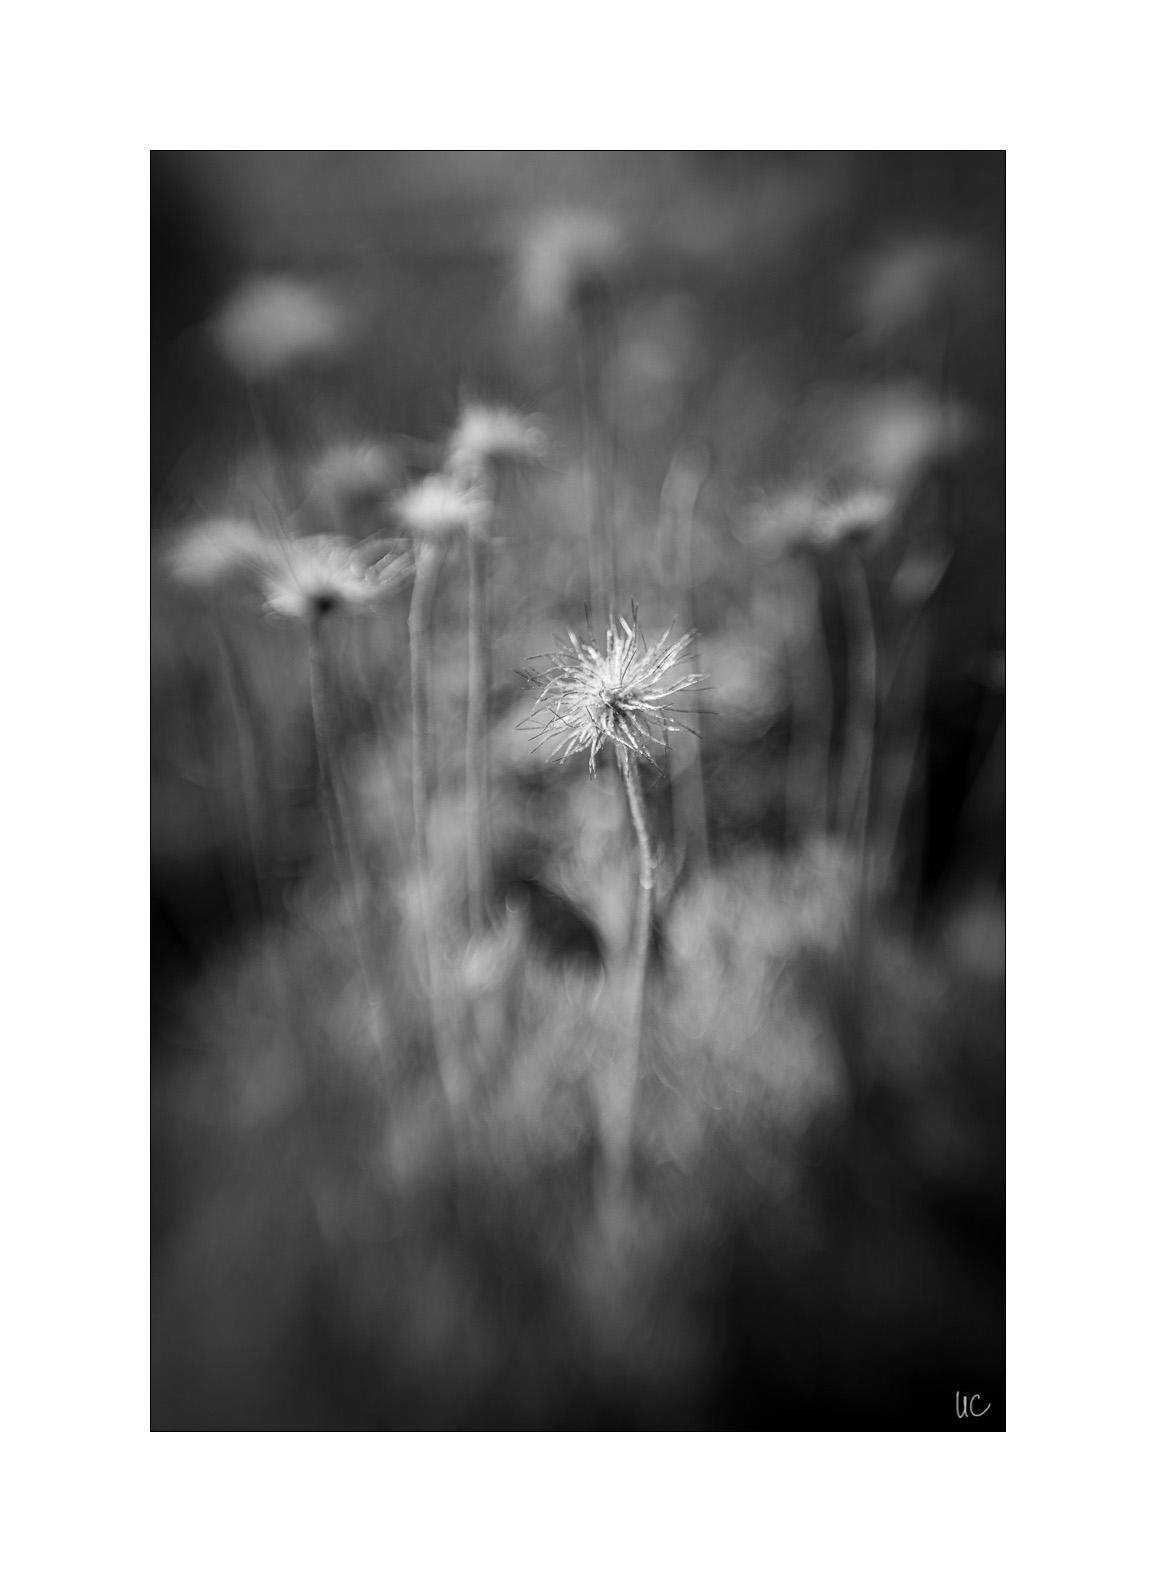 Blumen in Schwarzweiß– No. 2/1| Foto: Ulf Cronenberg, Würzburg